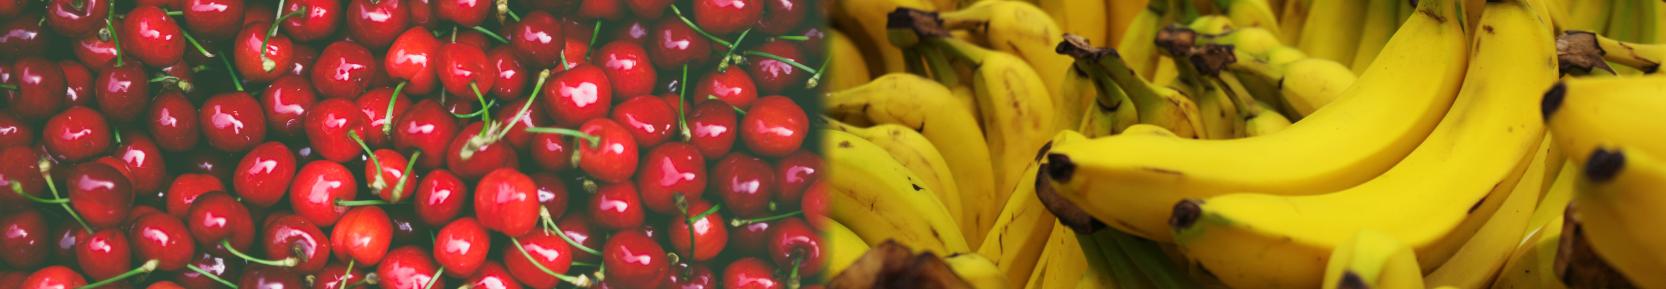 210921-Wakdu-49-Kirsch-Banane-Früchtebild-01-mm.png